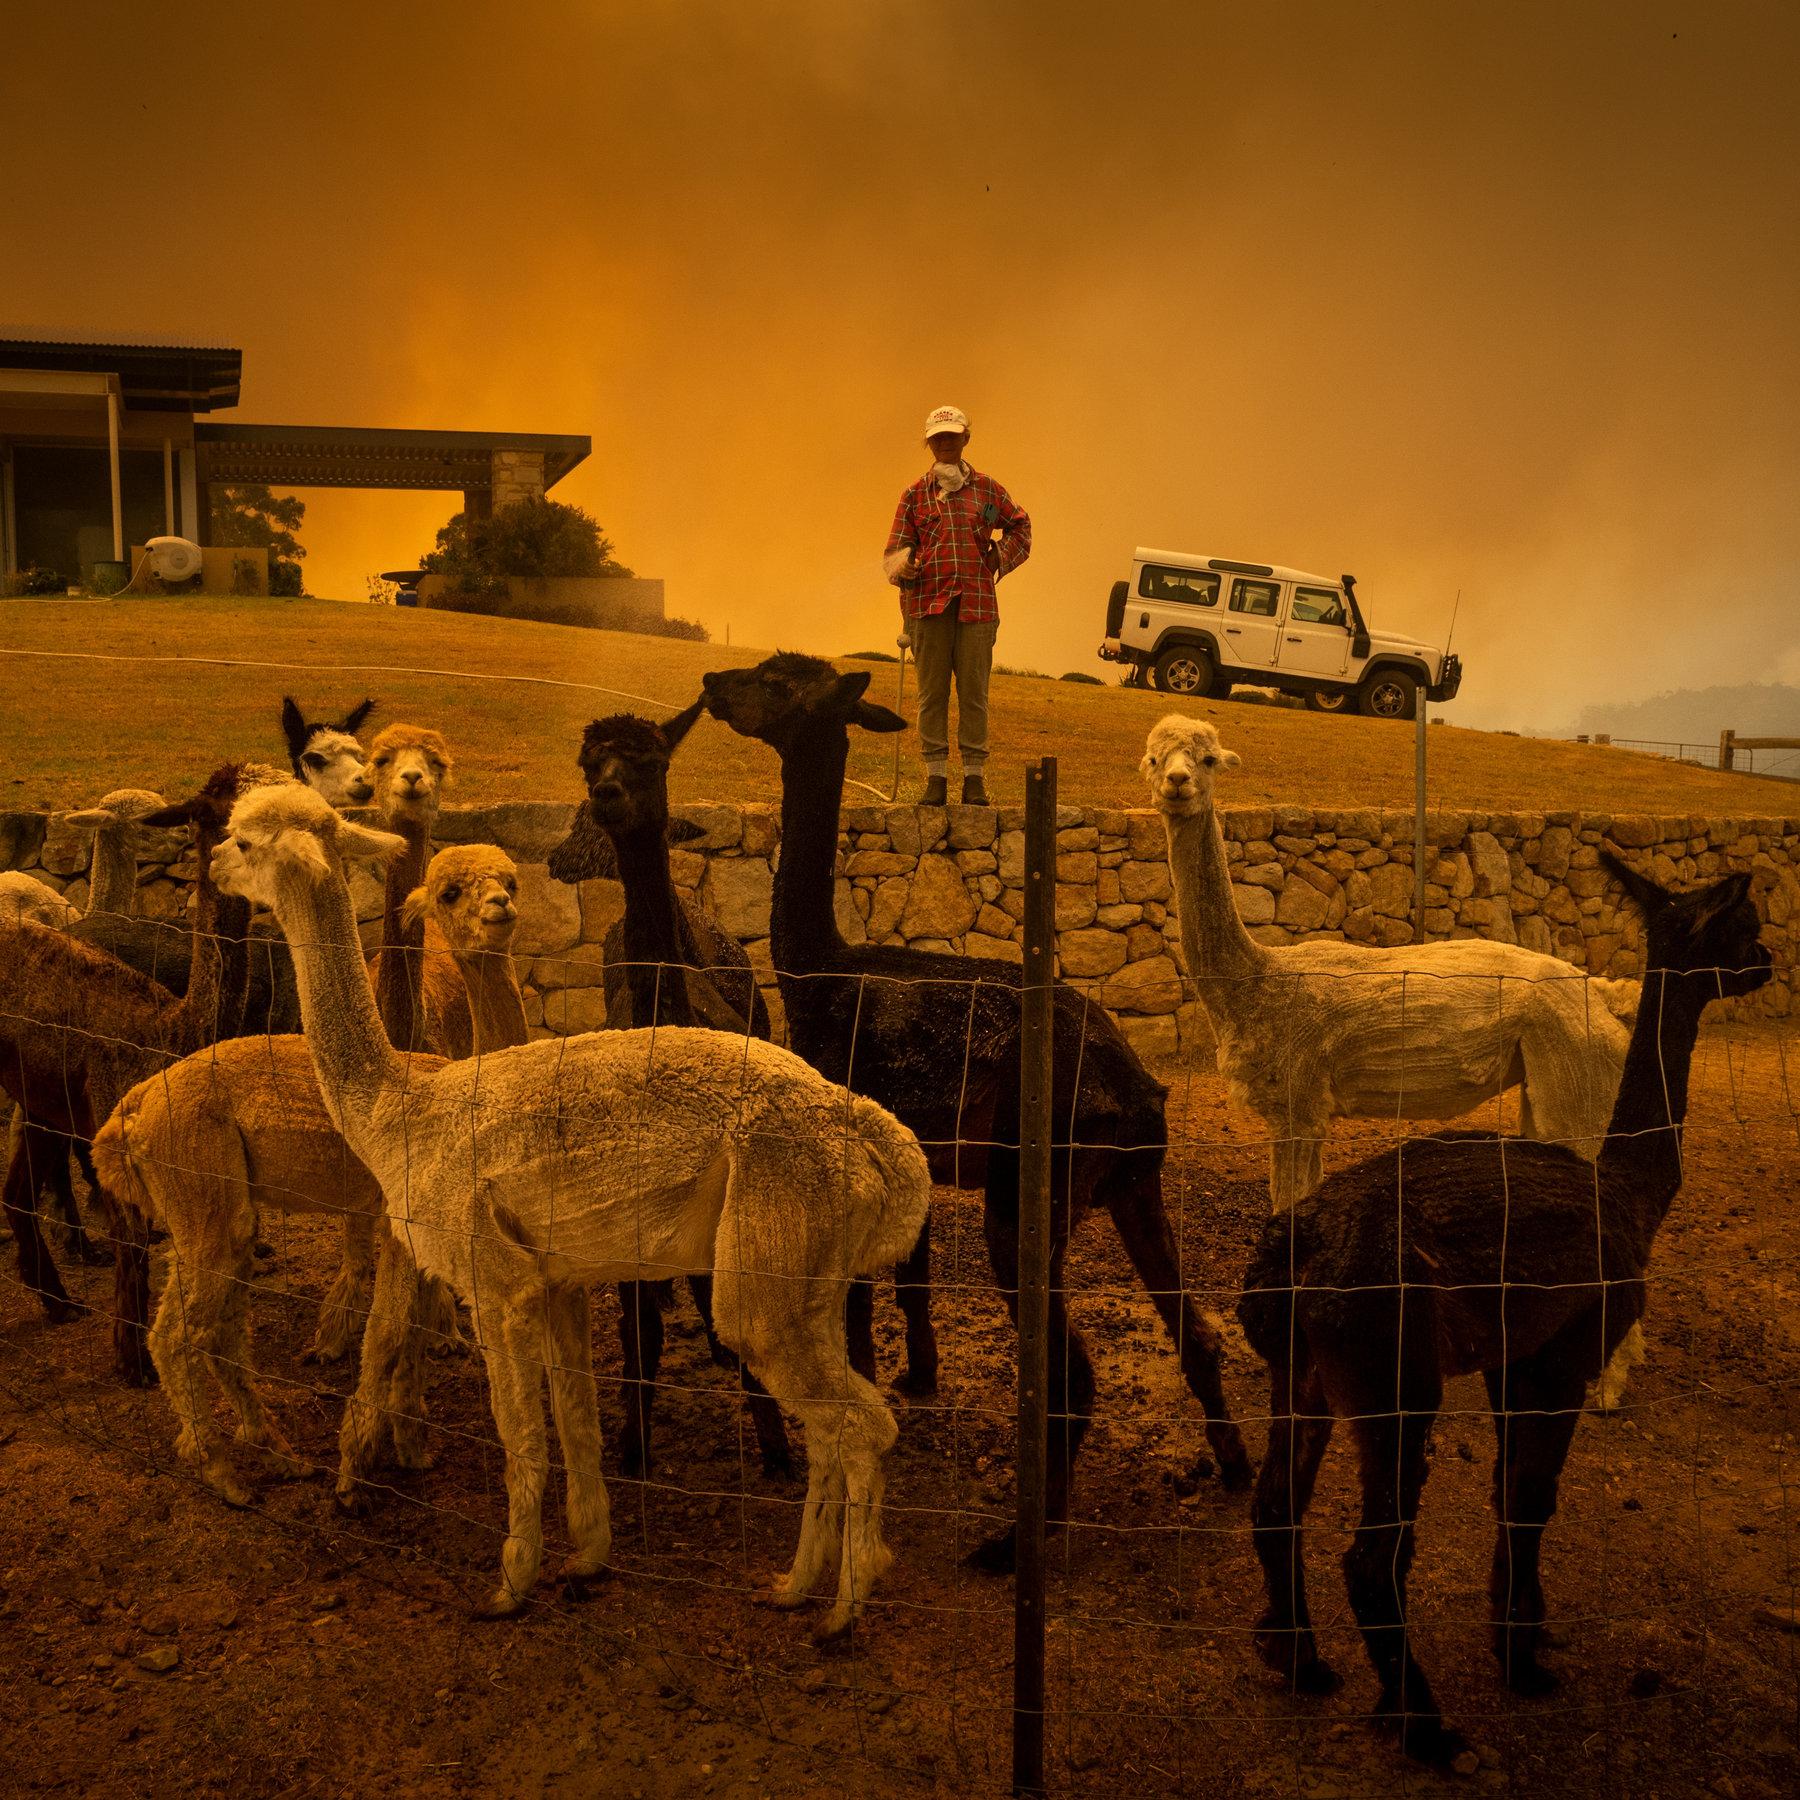 Ավստրալիայի հրդեհի պատճառով ոչնչացել է մոտ 6 միլիոն հեկտար անտառային տարածք, 500 միլիոն կենդանիներ